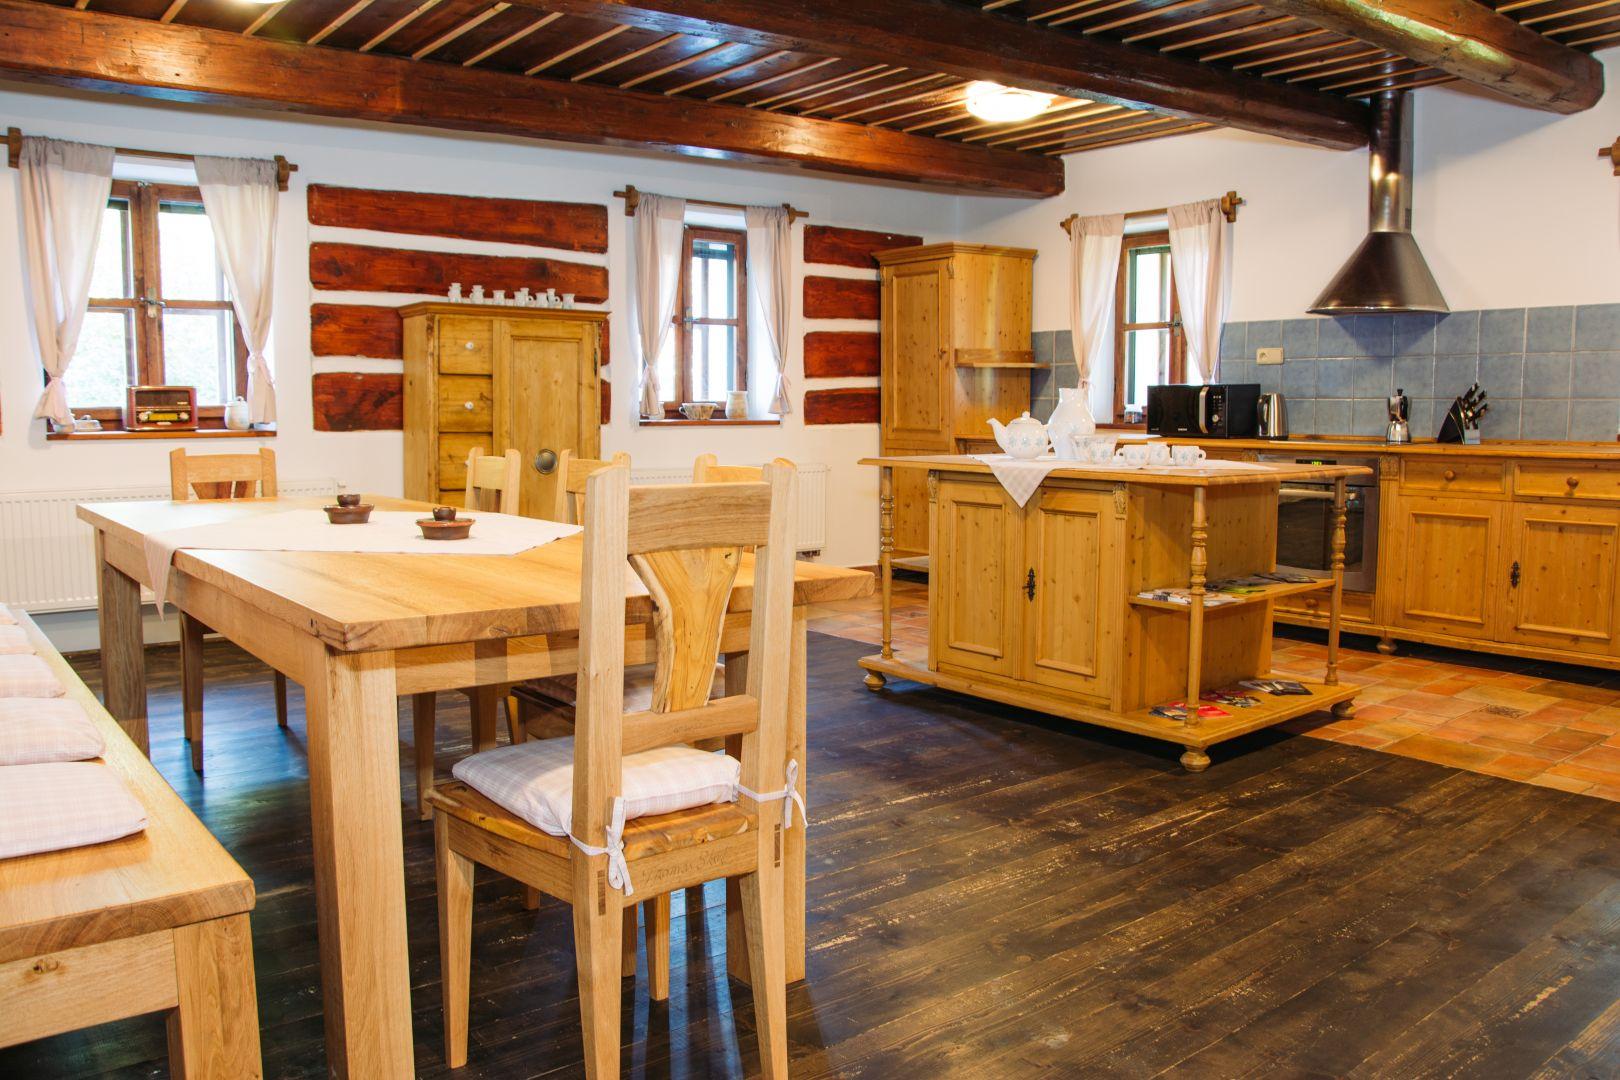 Obrázek 2 - kuchyně